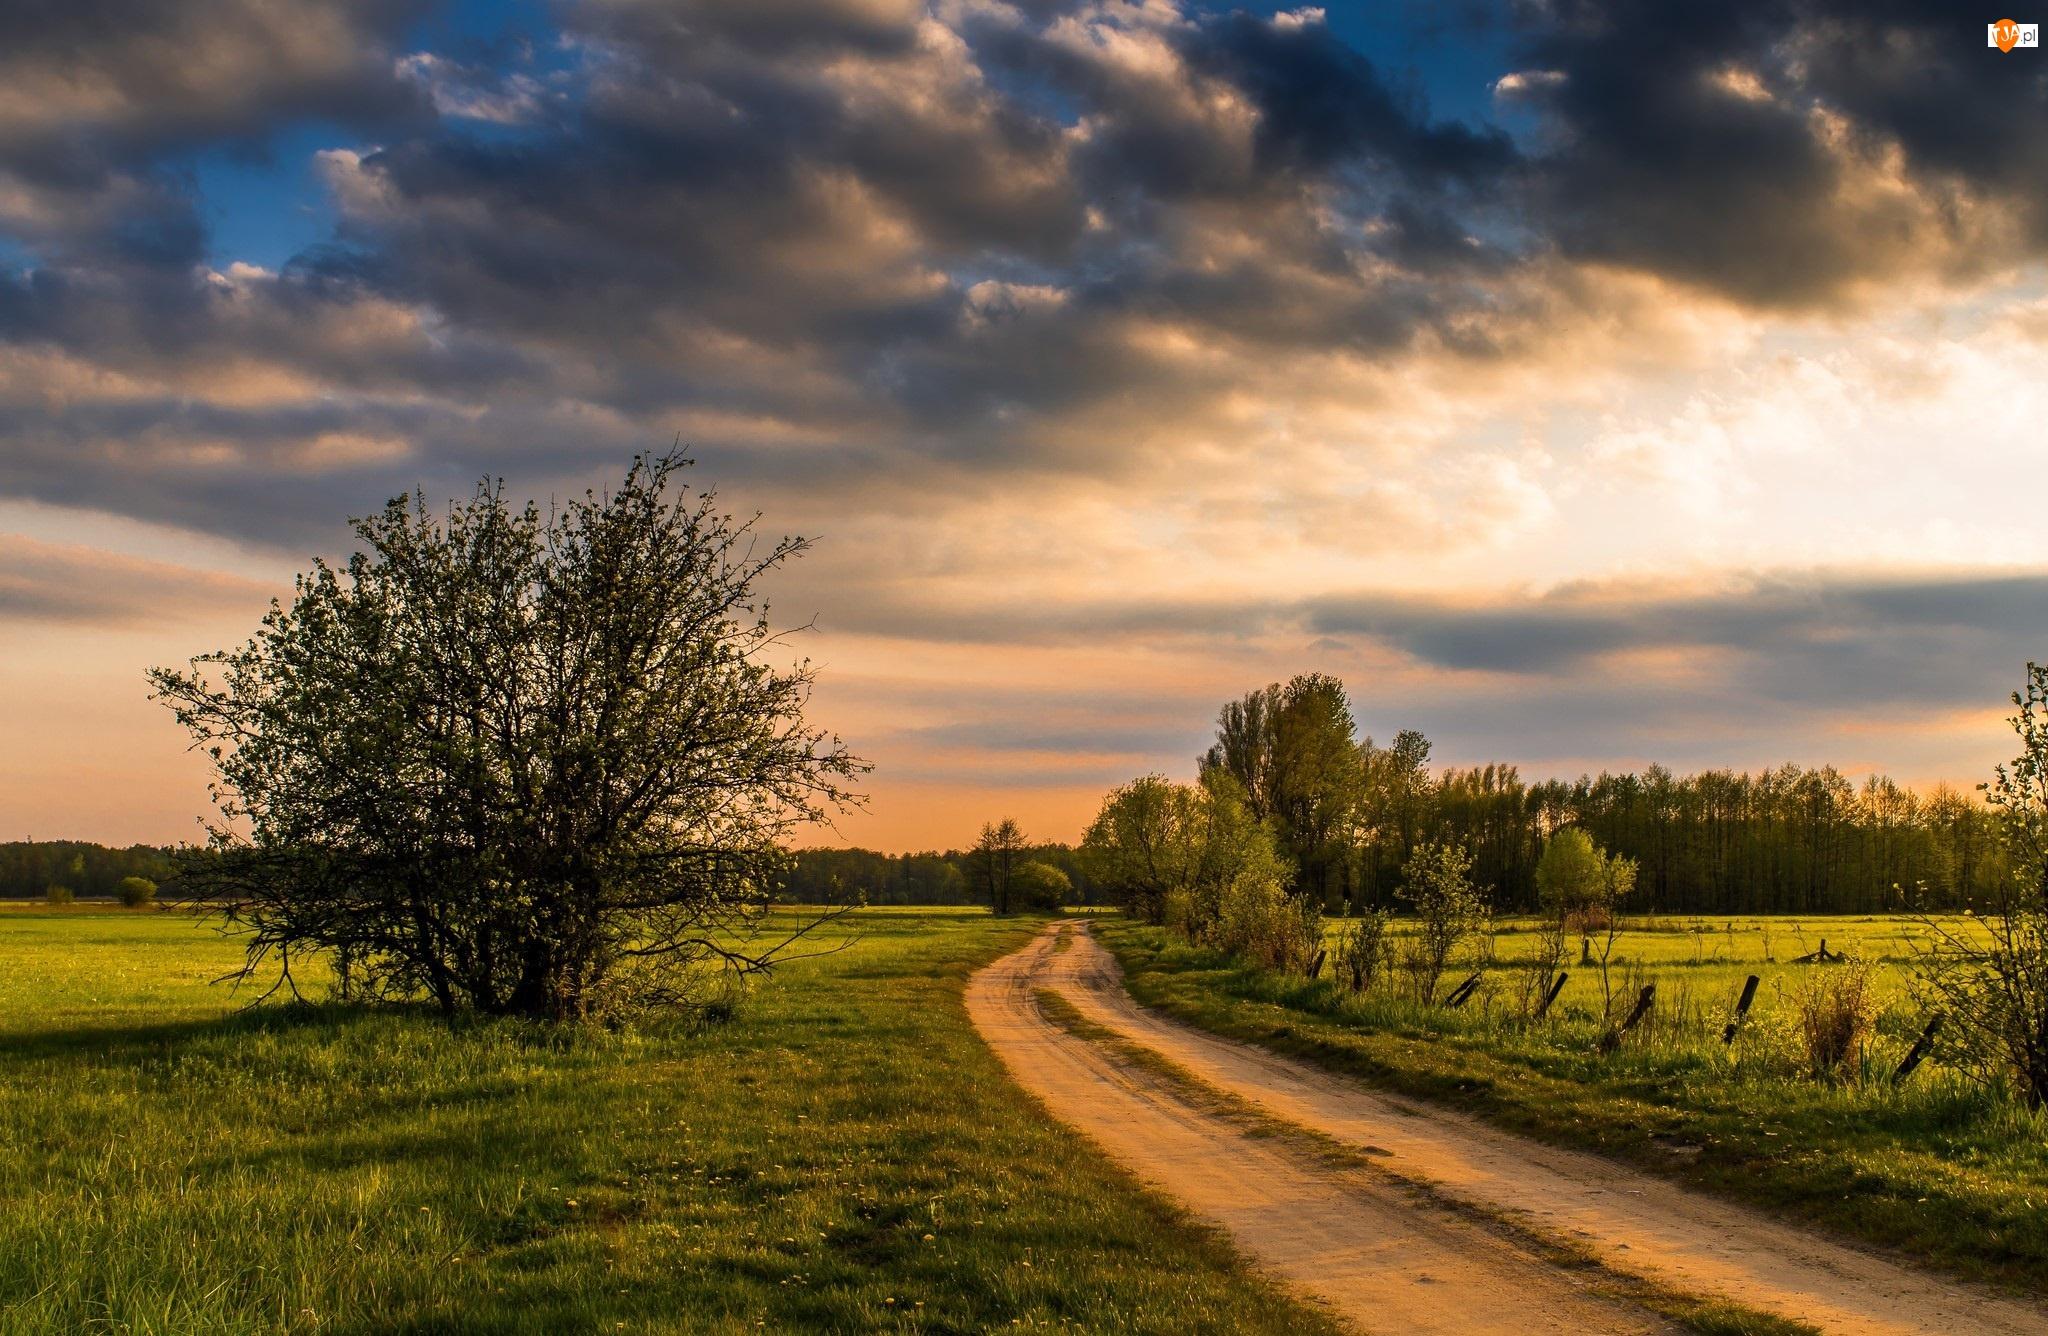 Drzewa, Chmury, Droga, Wiejska, Ciemne